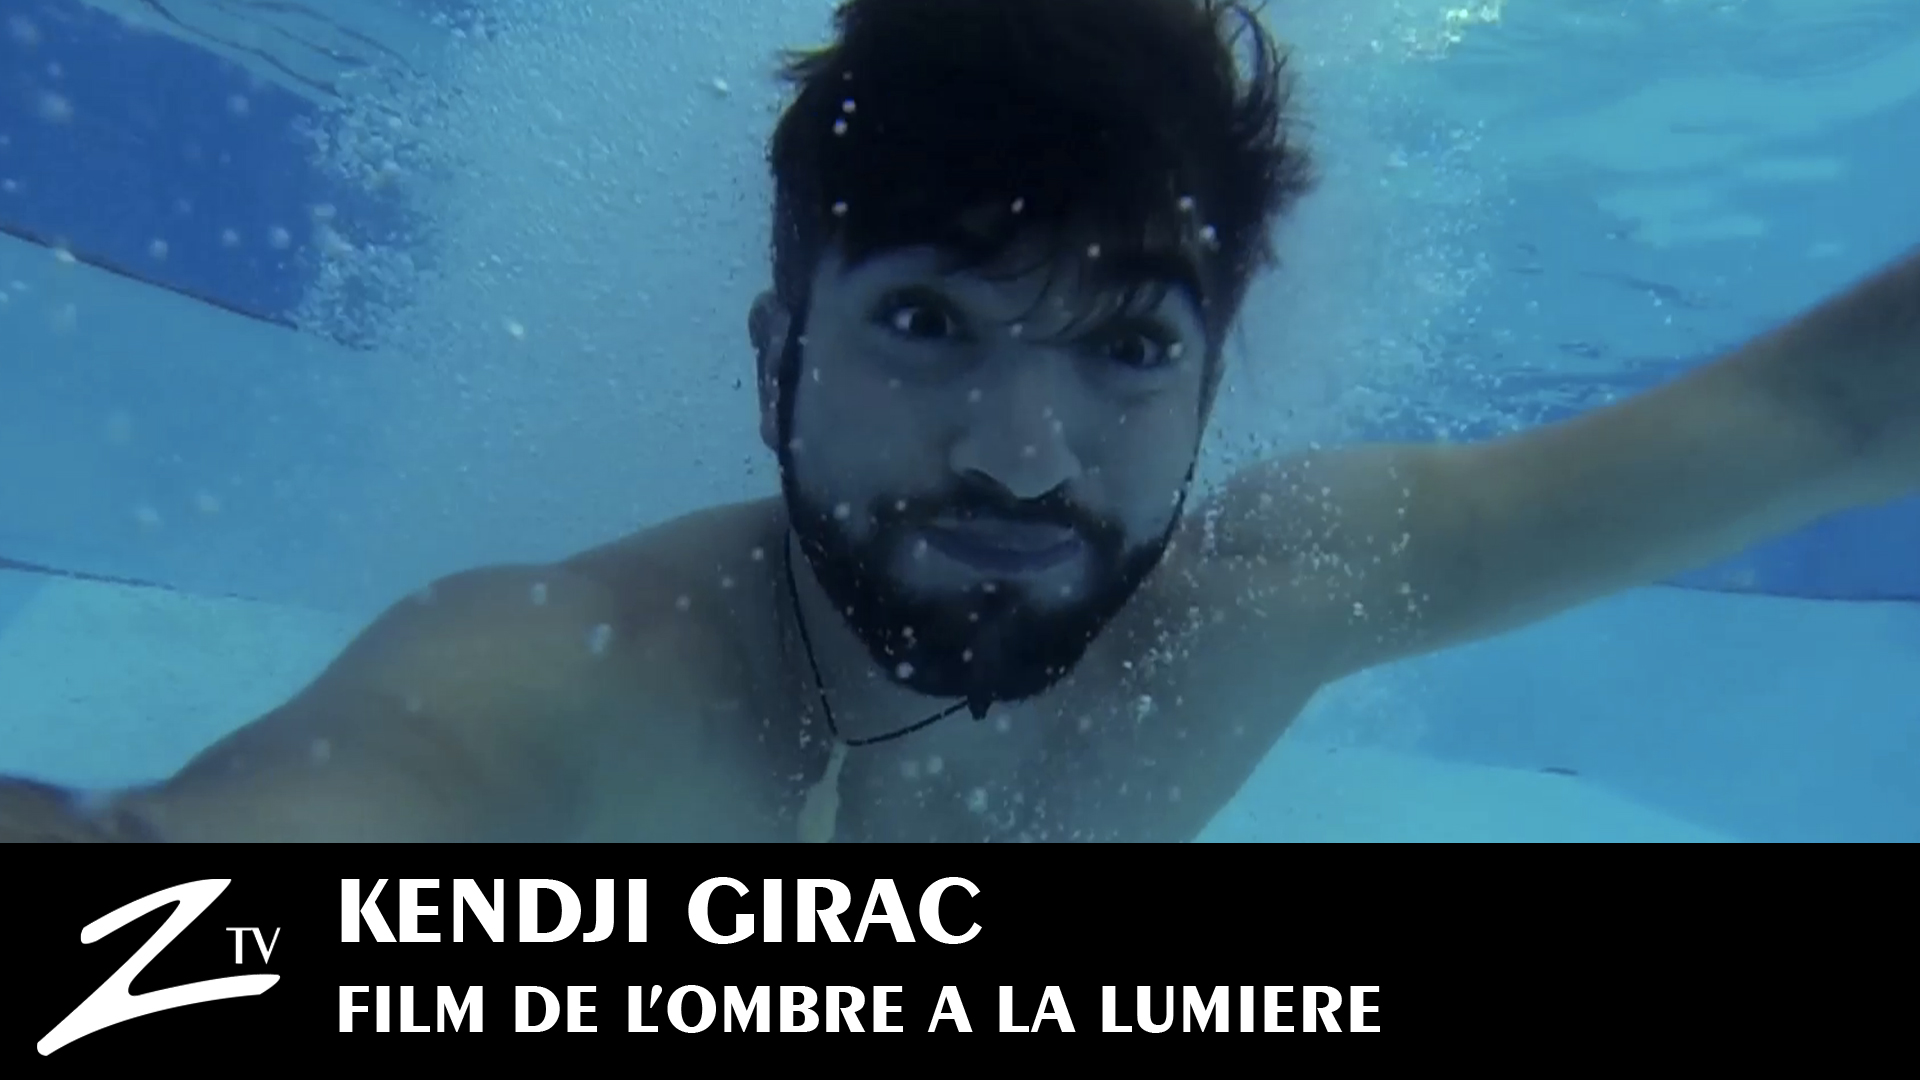 De Lombre A La Lumiere (CDM) (2006) - rap-war-fam.blogspot.com